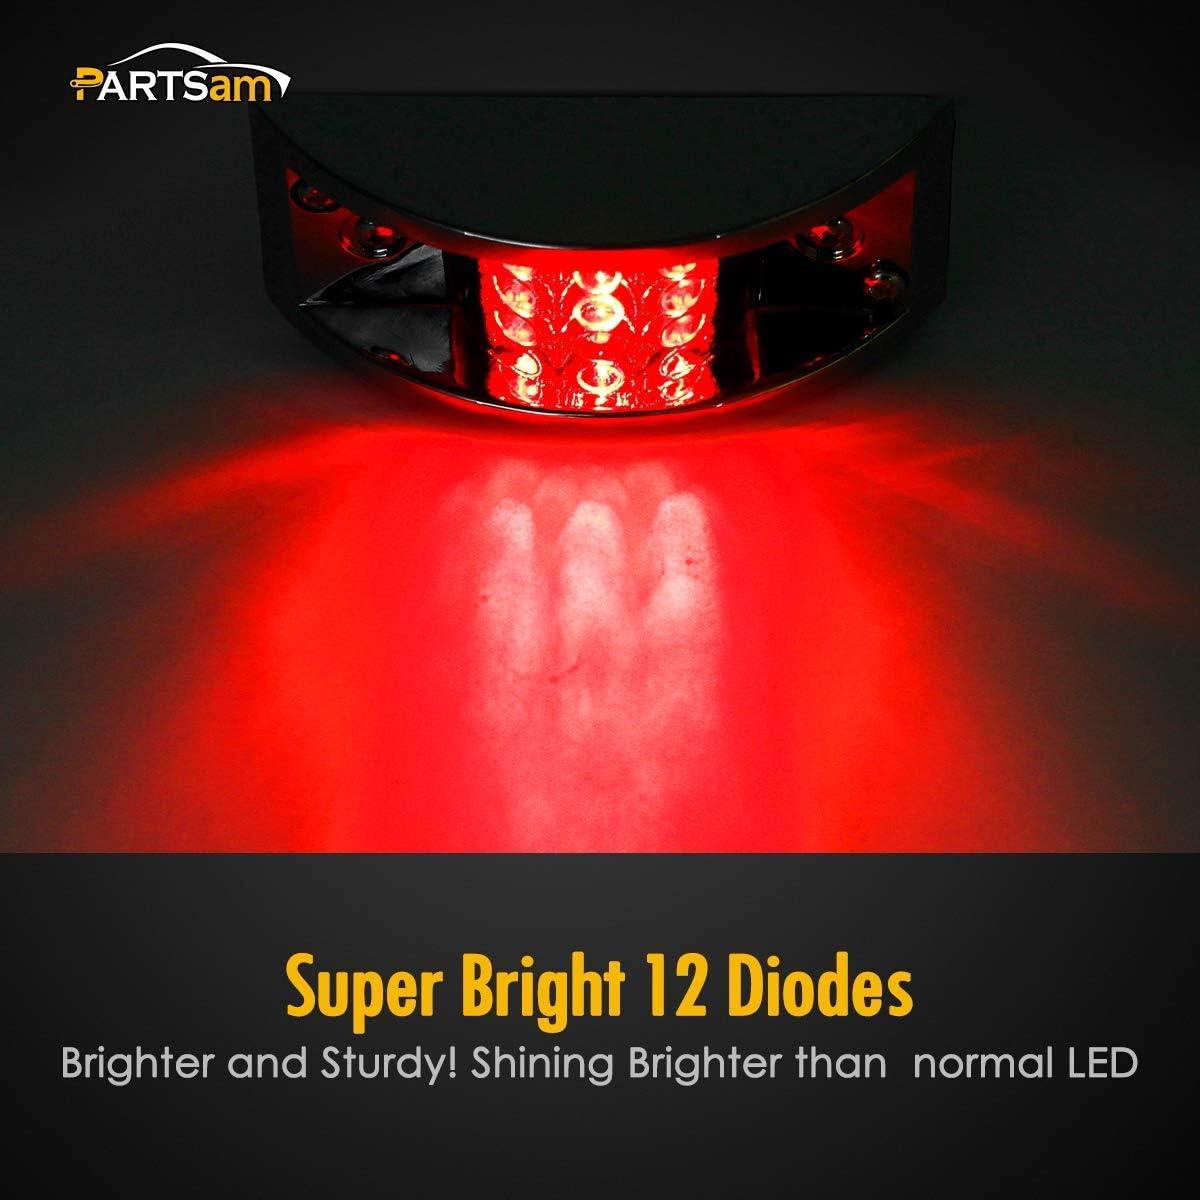 Partsam Led Trailer Lights Kit 2Pcs Rectangular Chrome Plastic Armored Red Led Side Marker Lights 14.17 Led Truck Trailer ID Light Bar 9LED 3-lamp Red Clearance Identification Marker Light Bar